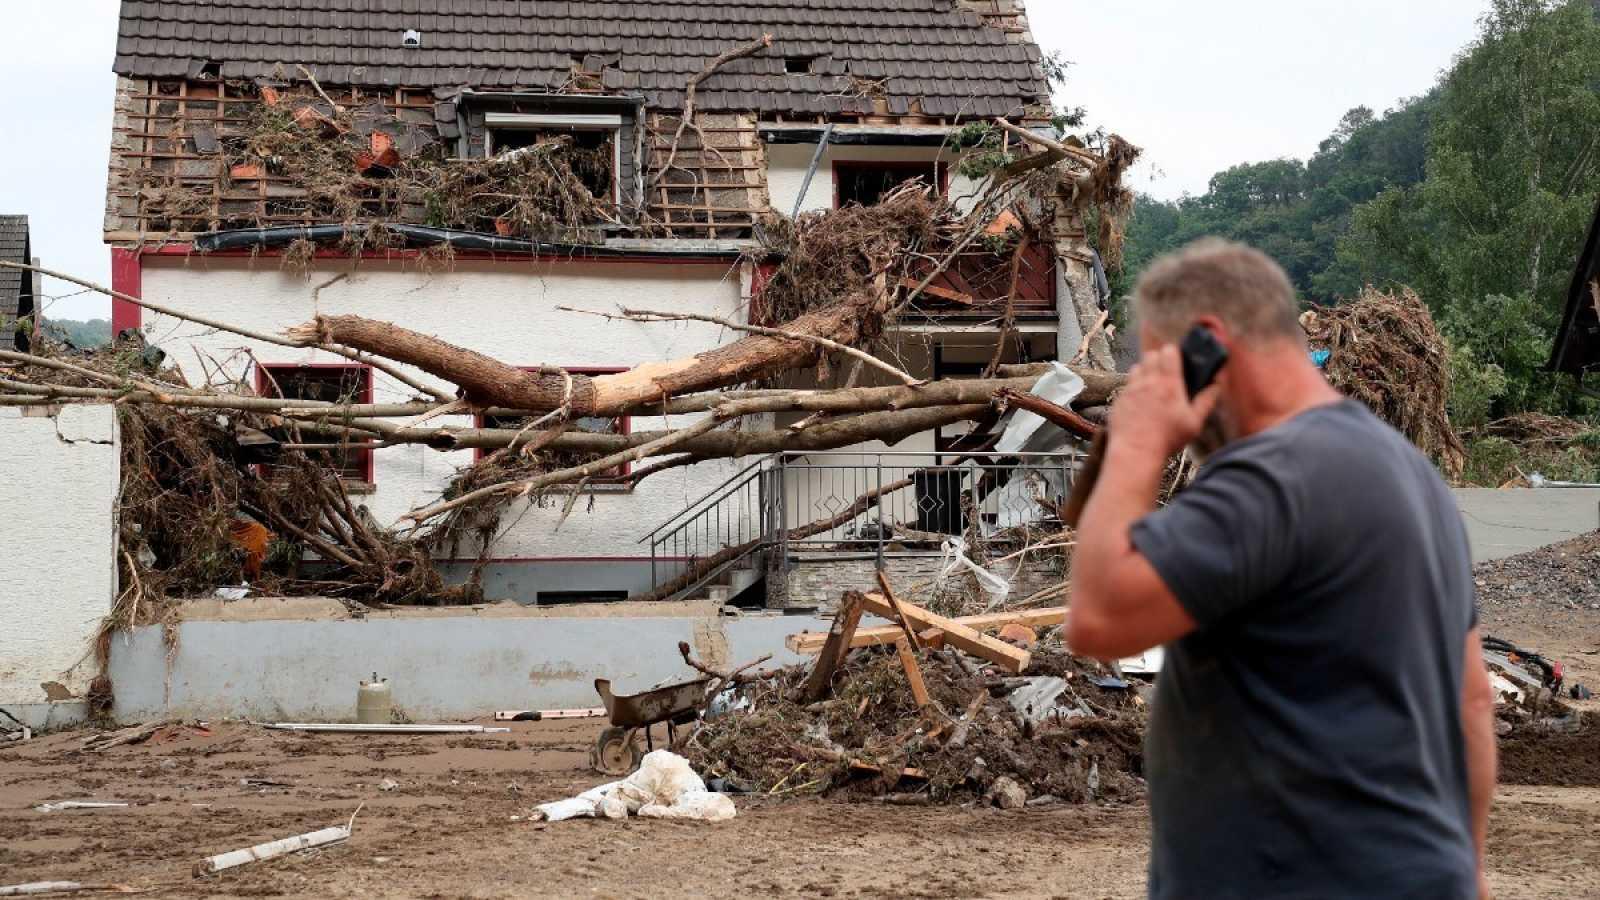 Un vecino revisa los daños tras la inudación del Río Ahr en Altenahr, Germany